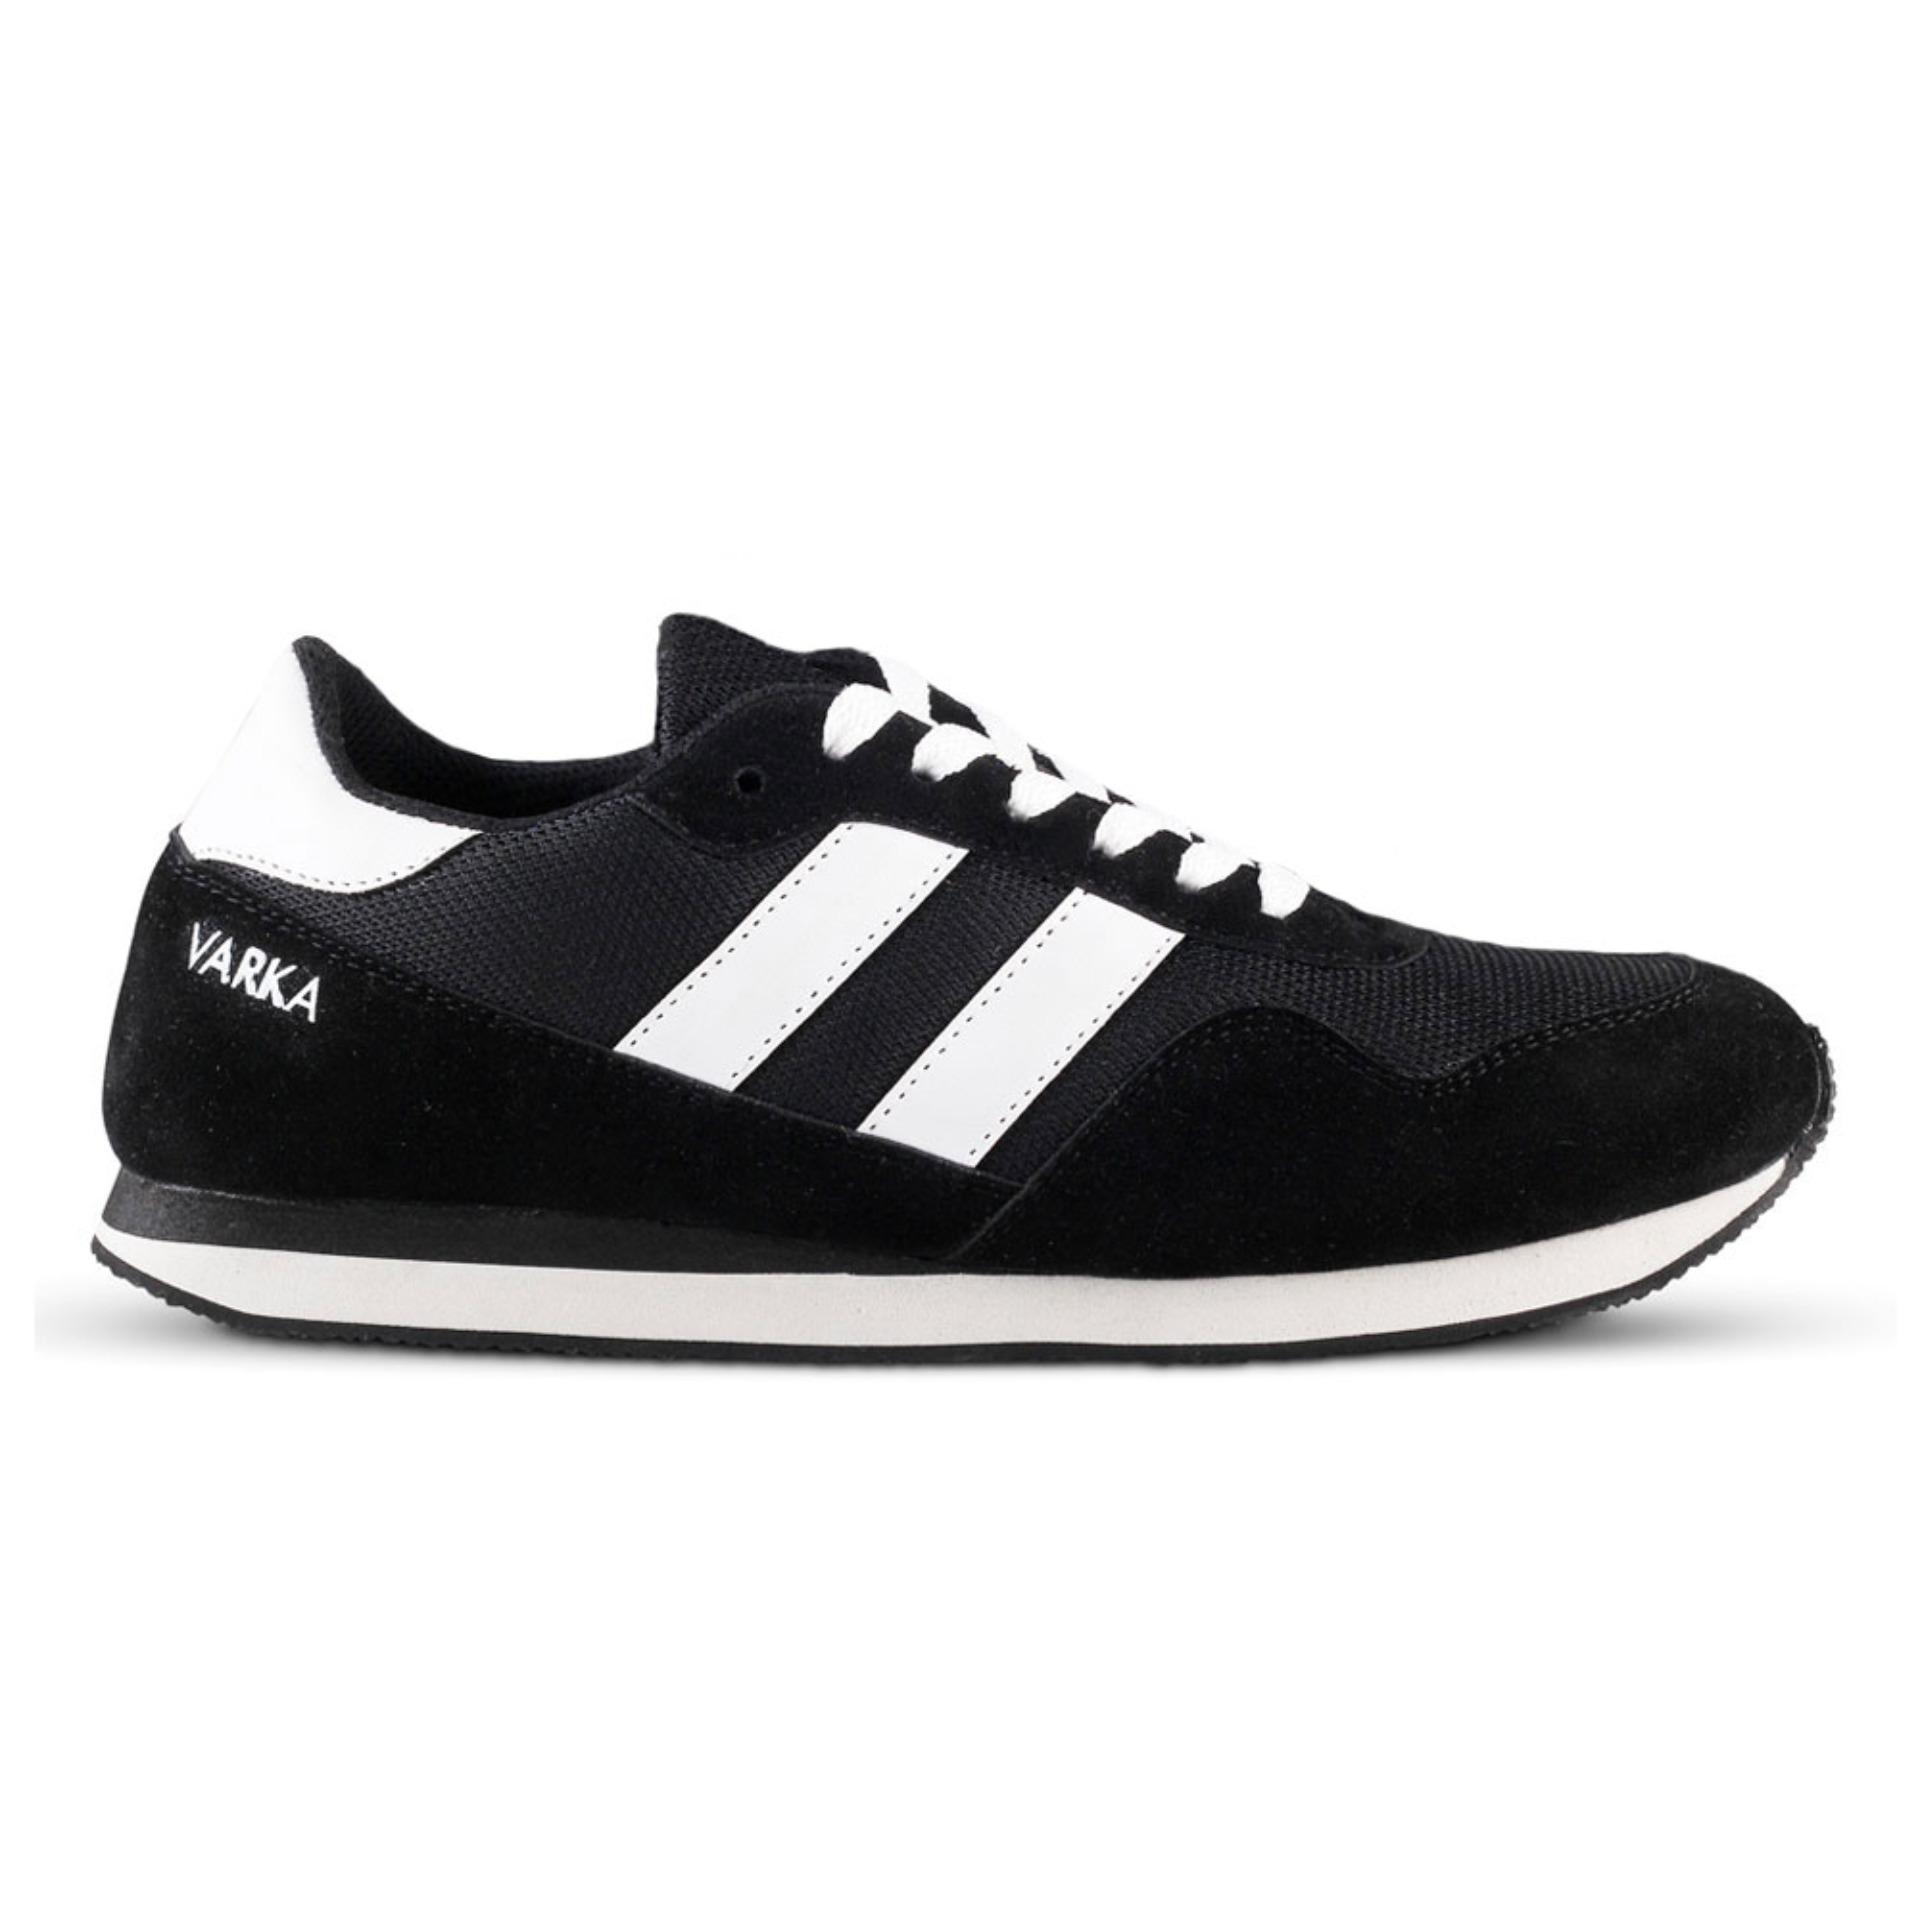 Distro Bandung Vr 383 Sepatu Sneaker Slip On Dan Casual Wanita Putih 284 Kets Sneakers Olahraga 338 Lari Jogingwanita Hitam